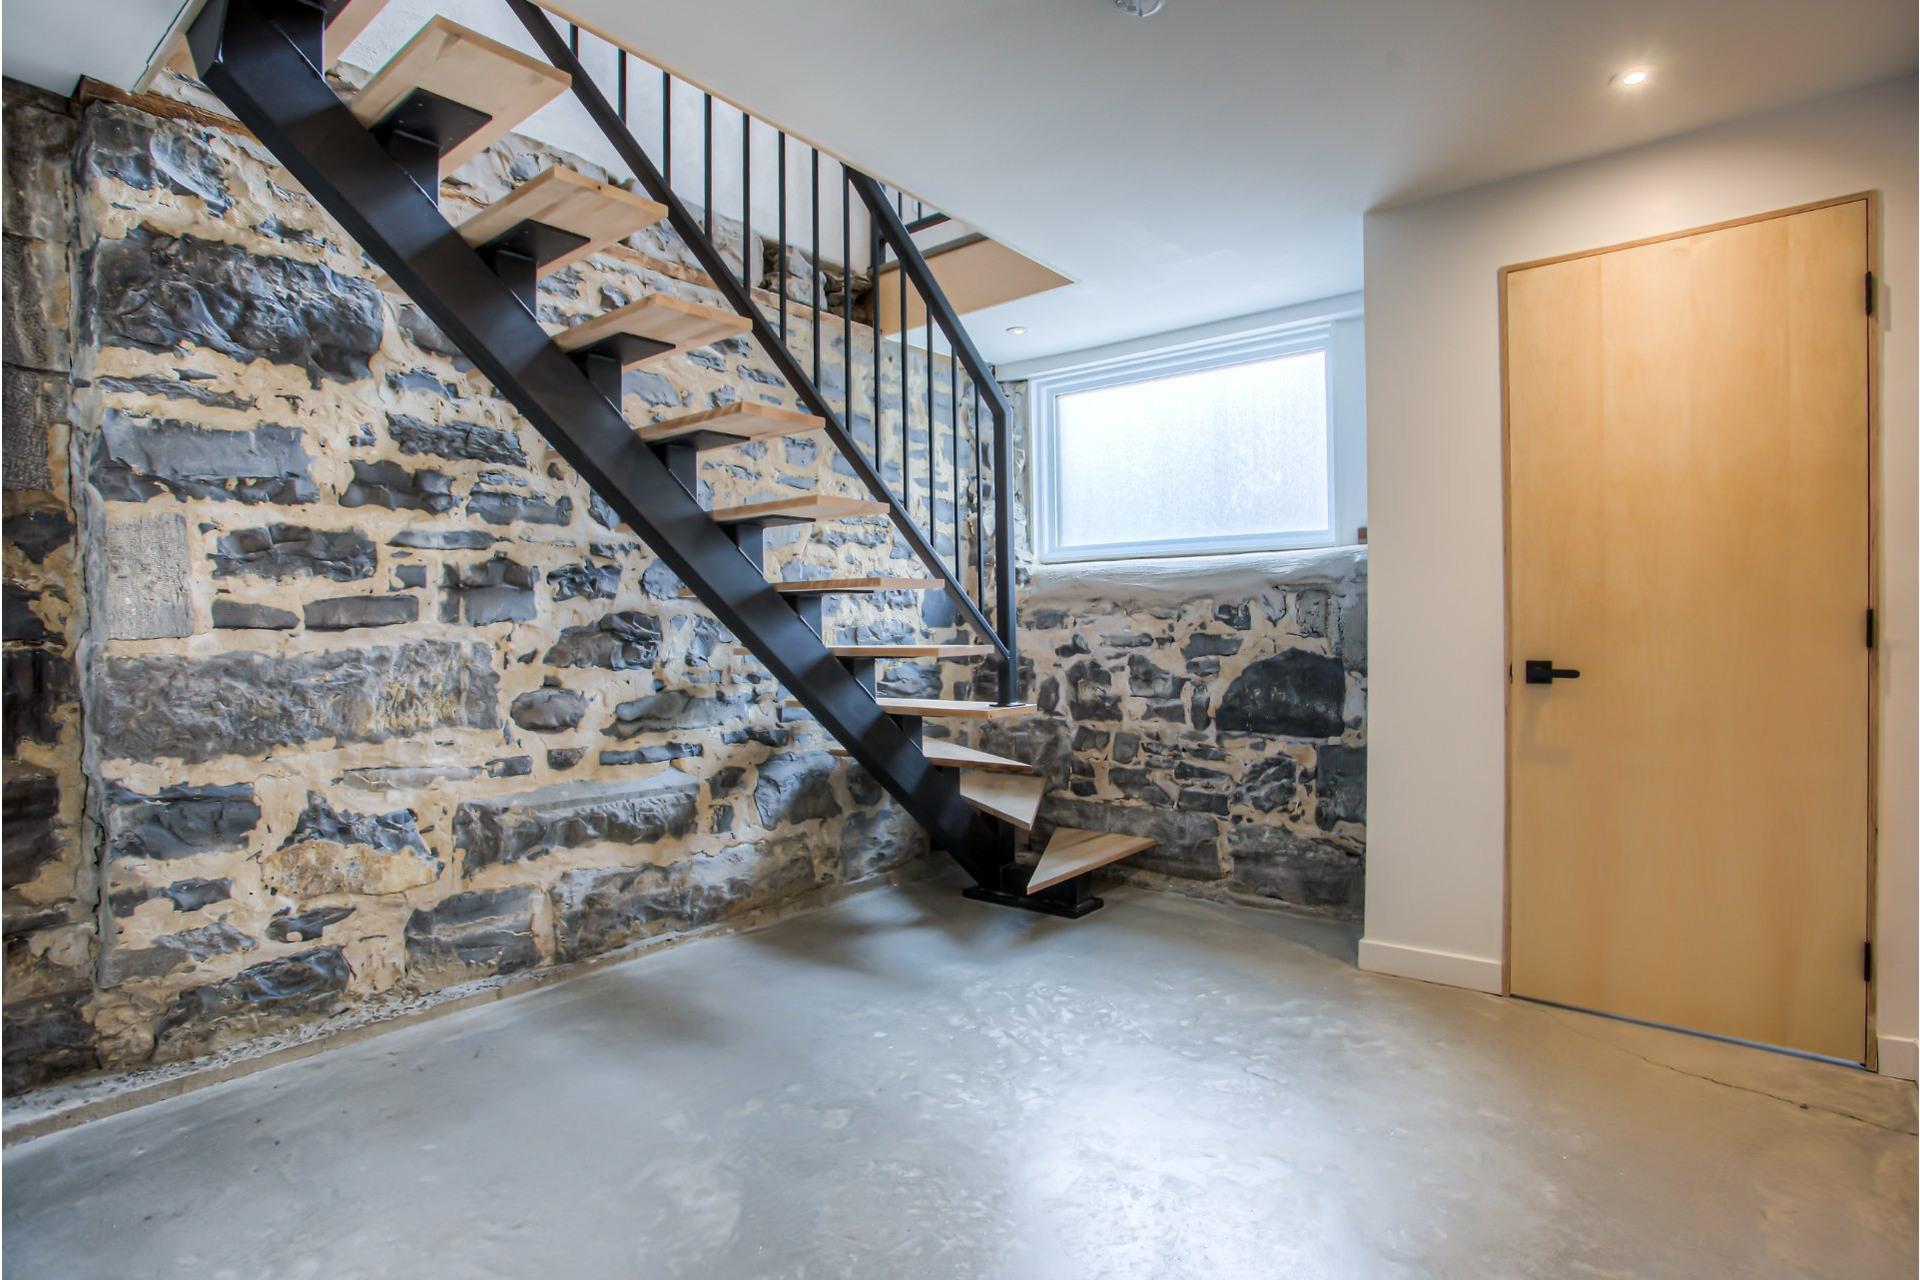 image 25 - Duplex À vendre Mercier/Hochelaga-Maisonneuve Montréal  - 4 pièces